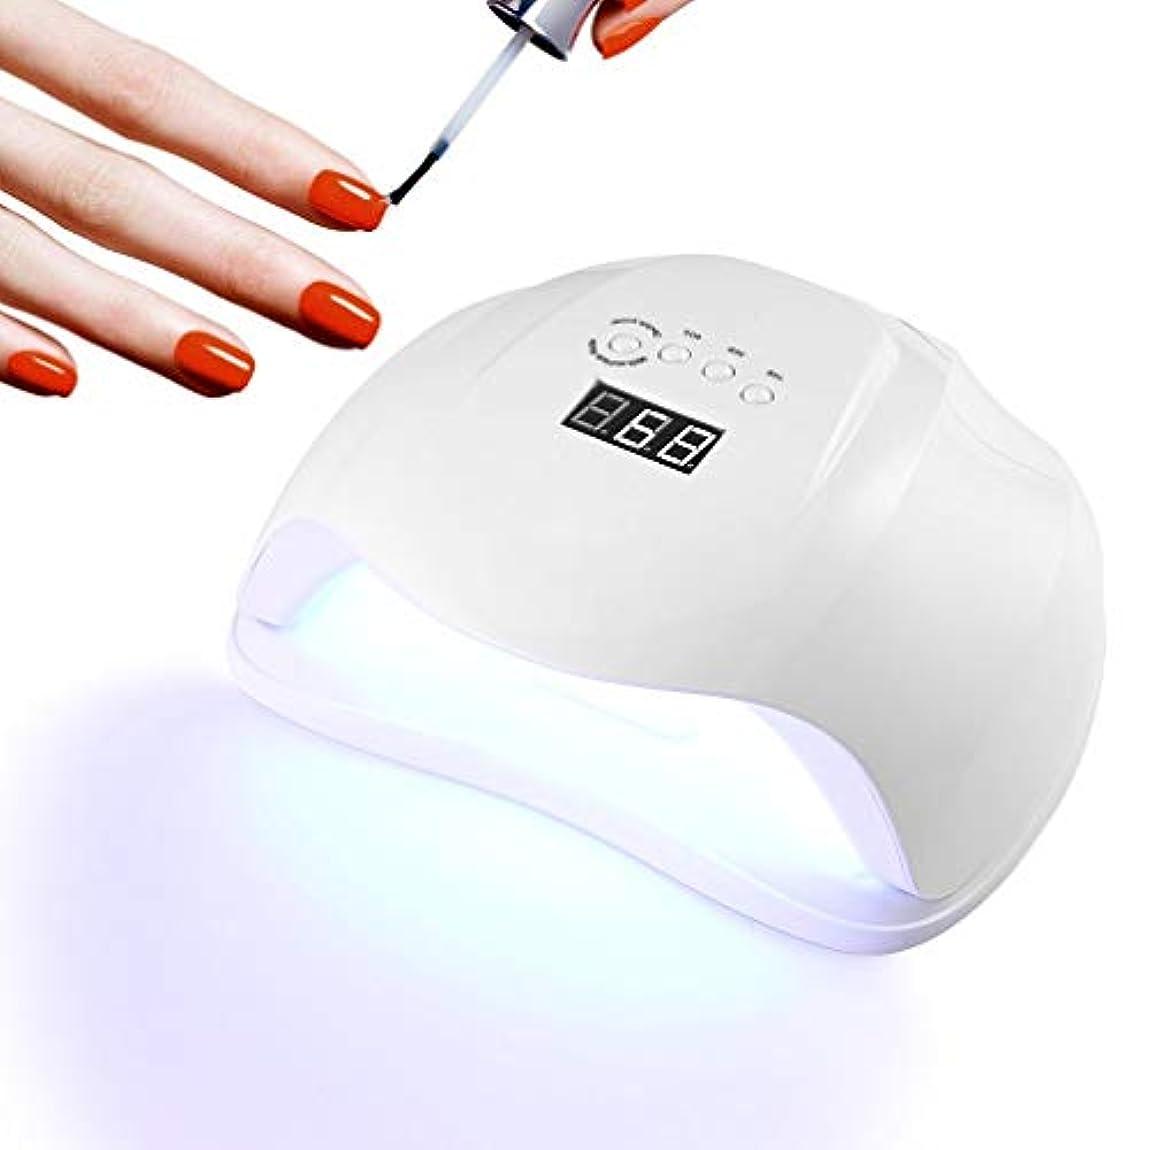 フォロー小切手決めます【2019年最新版】 ネイルドライヤー 硬化用UVライト 54W UV LED ネイルライト UVレジンライト ジェルネイルLEDライトネイルライト54w新型 タイマー付き ネイルランプ赤外線センサー付き 液晶ディスプレー 手&足両用 自動センサー タイマー機能付き